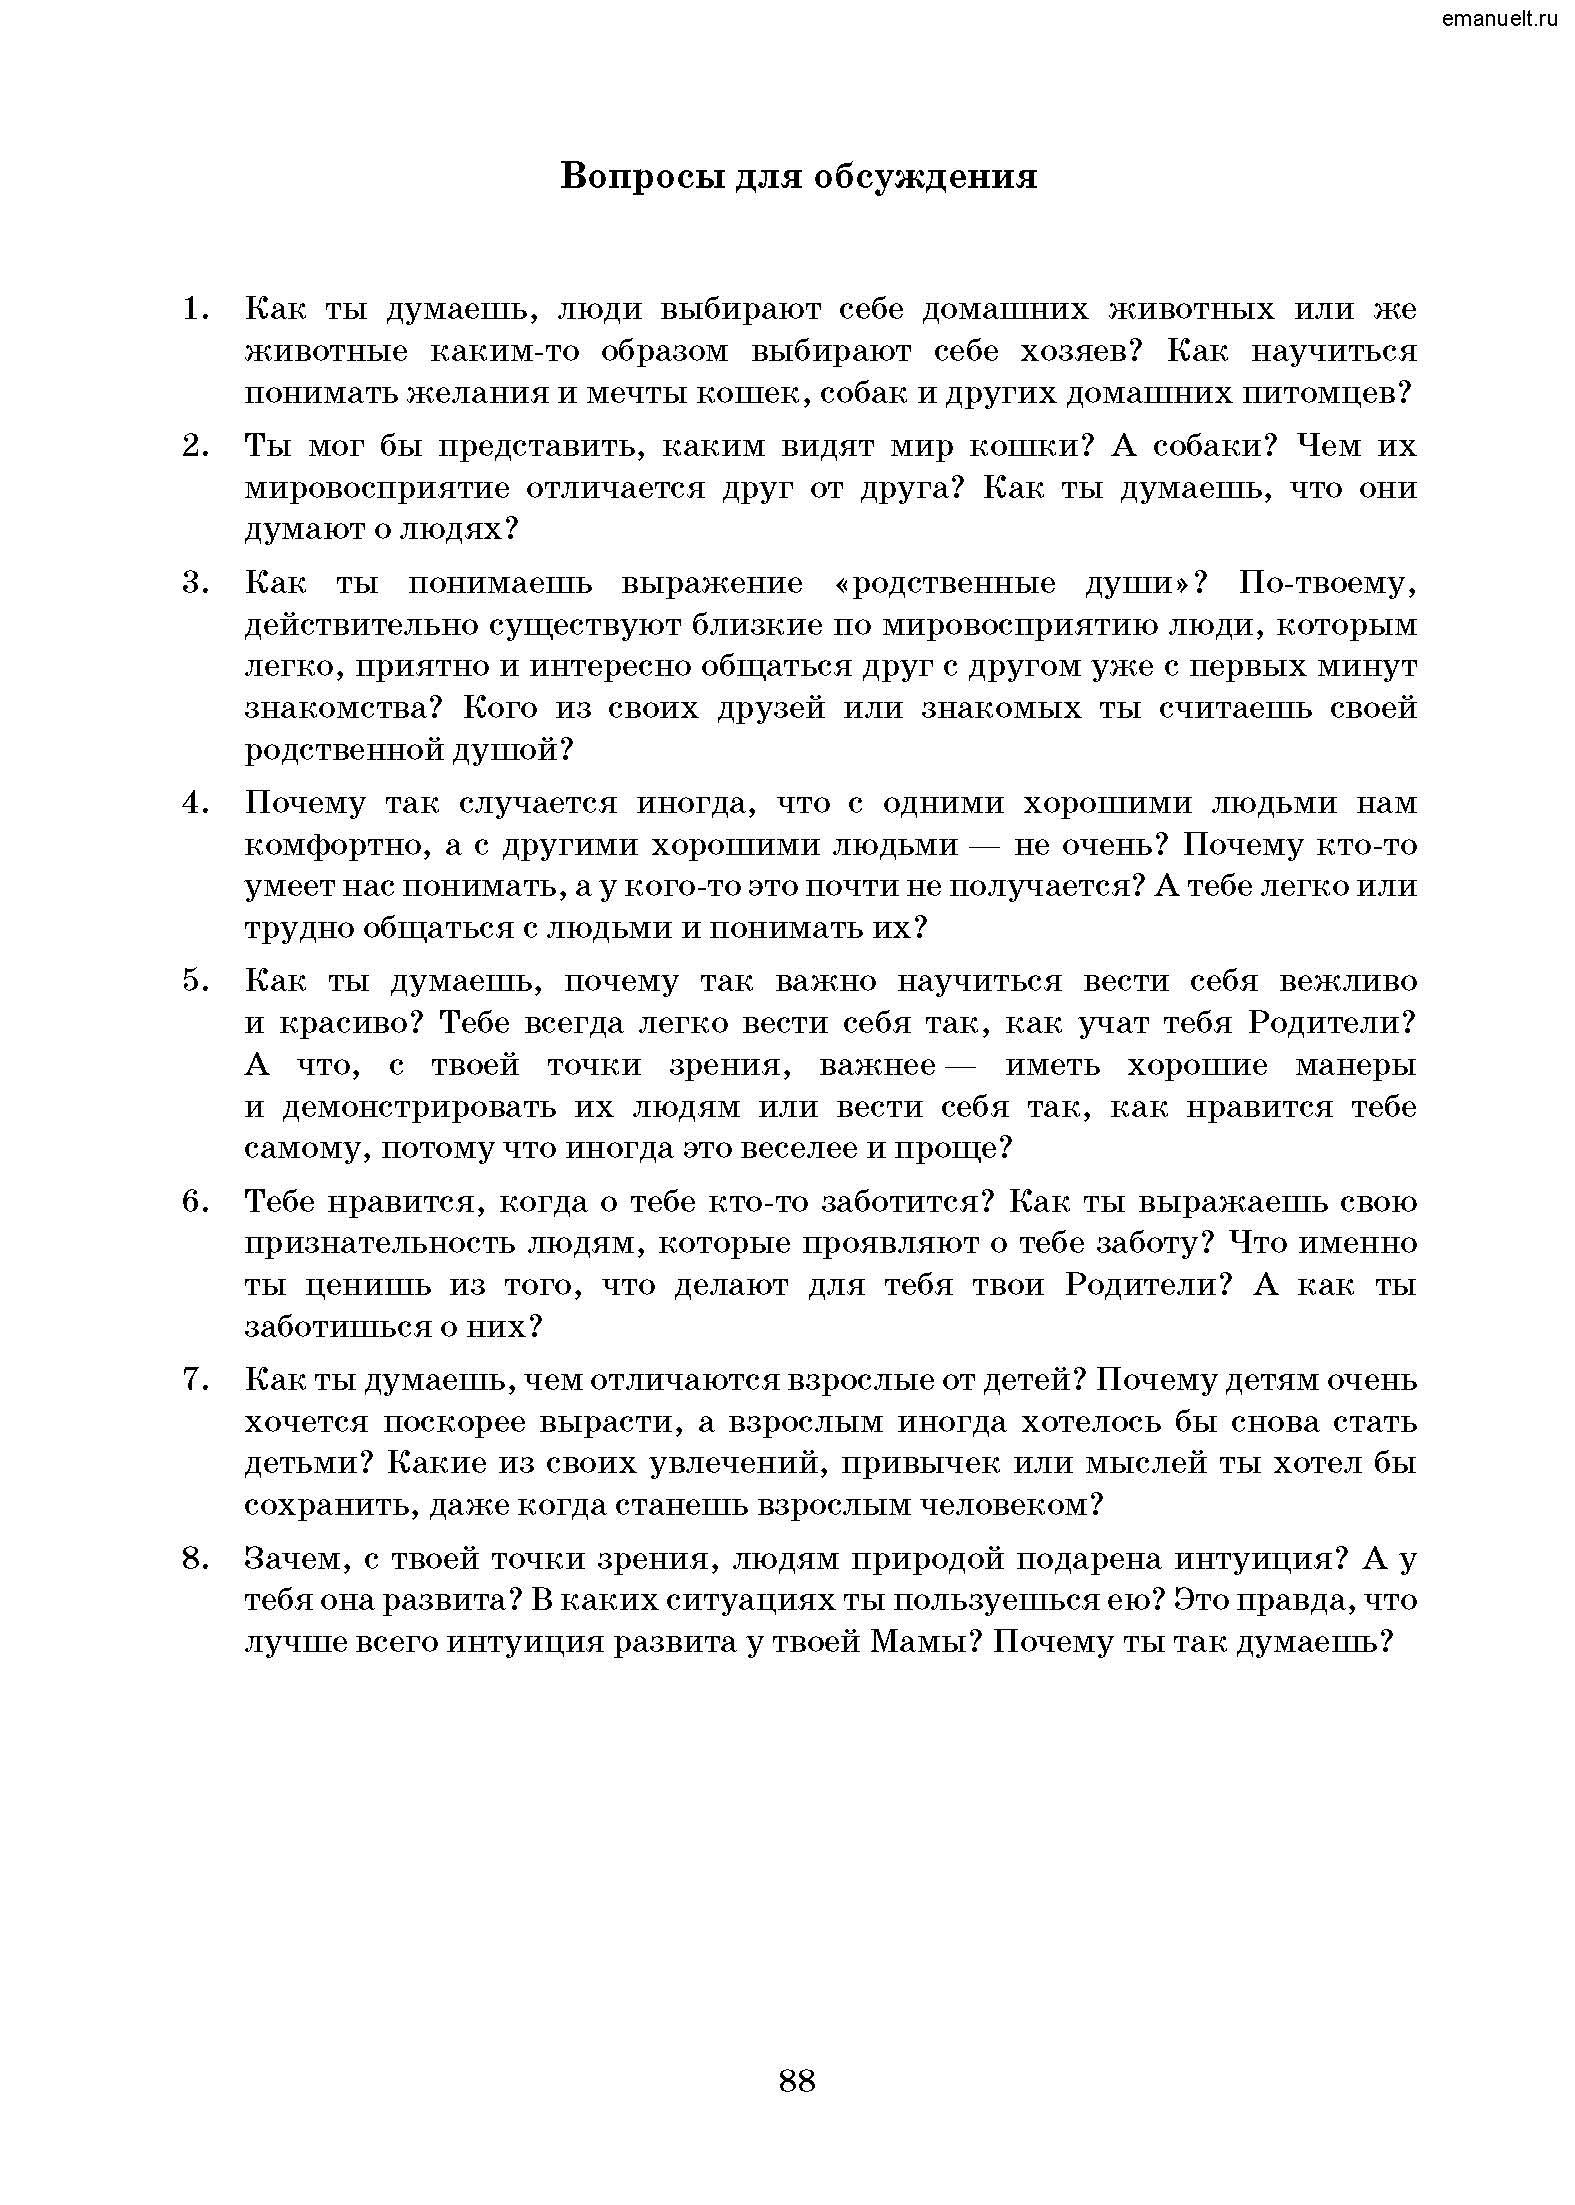 Рассказки в заданиях. emanuelt.ru_Страница_089